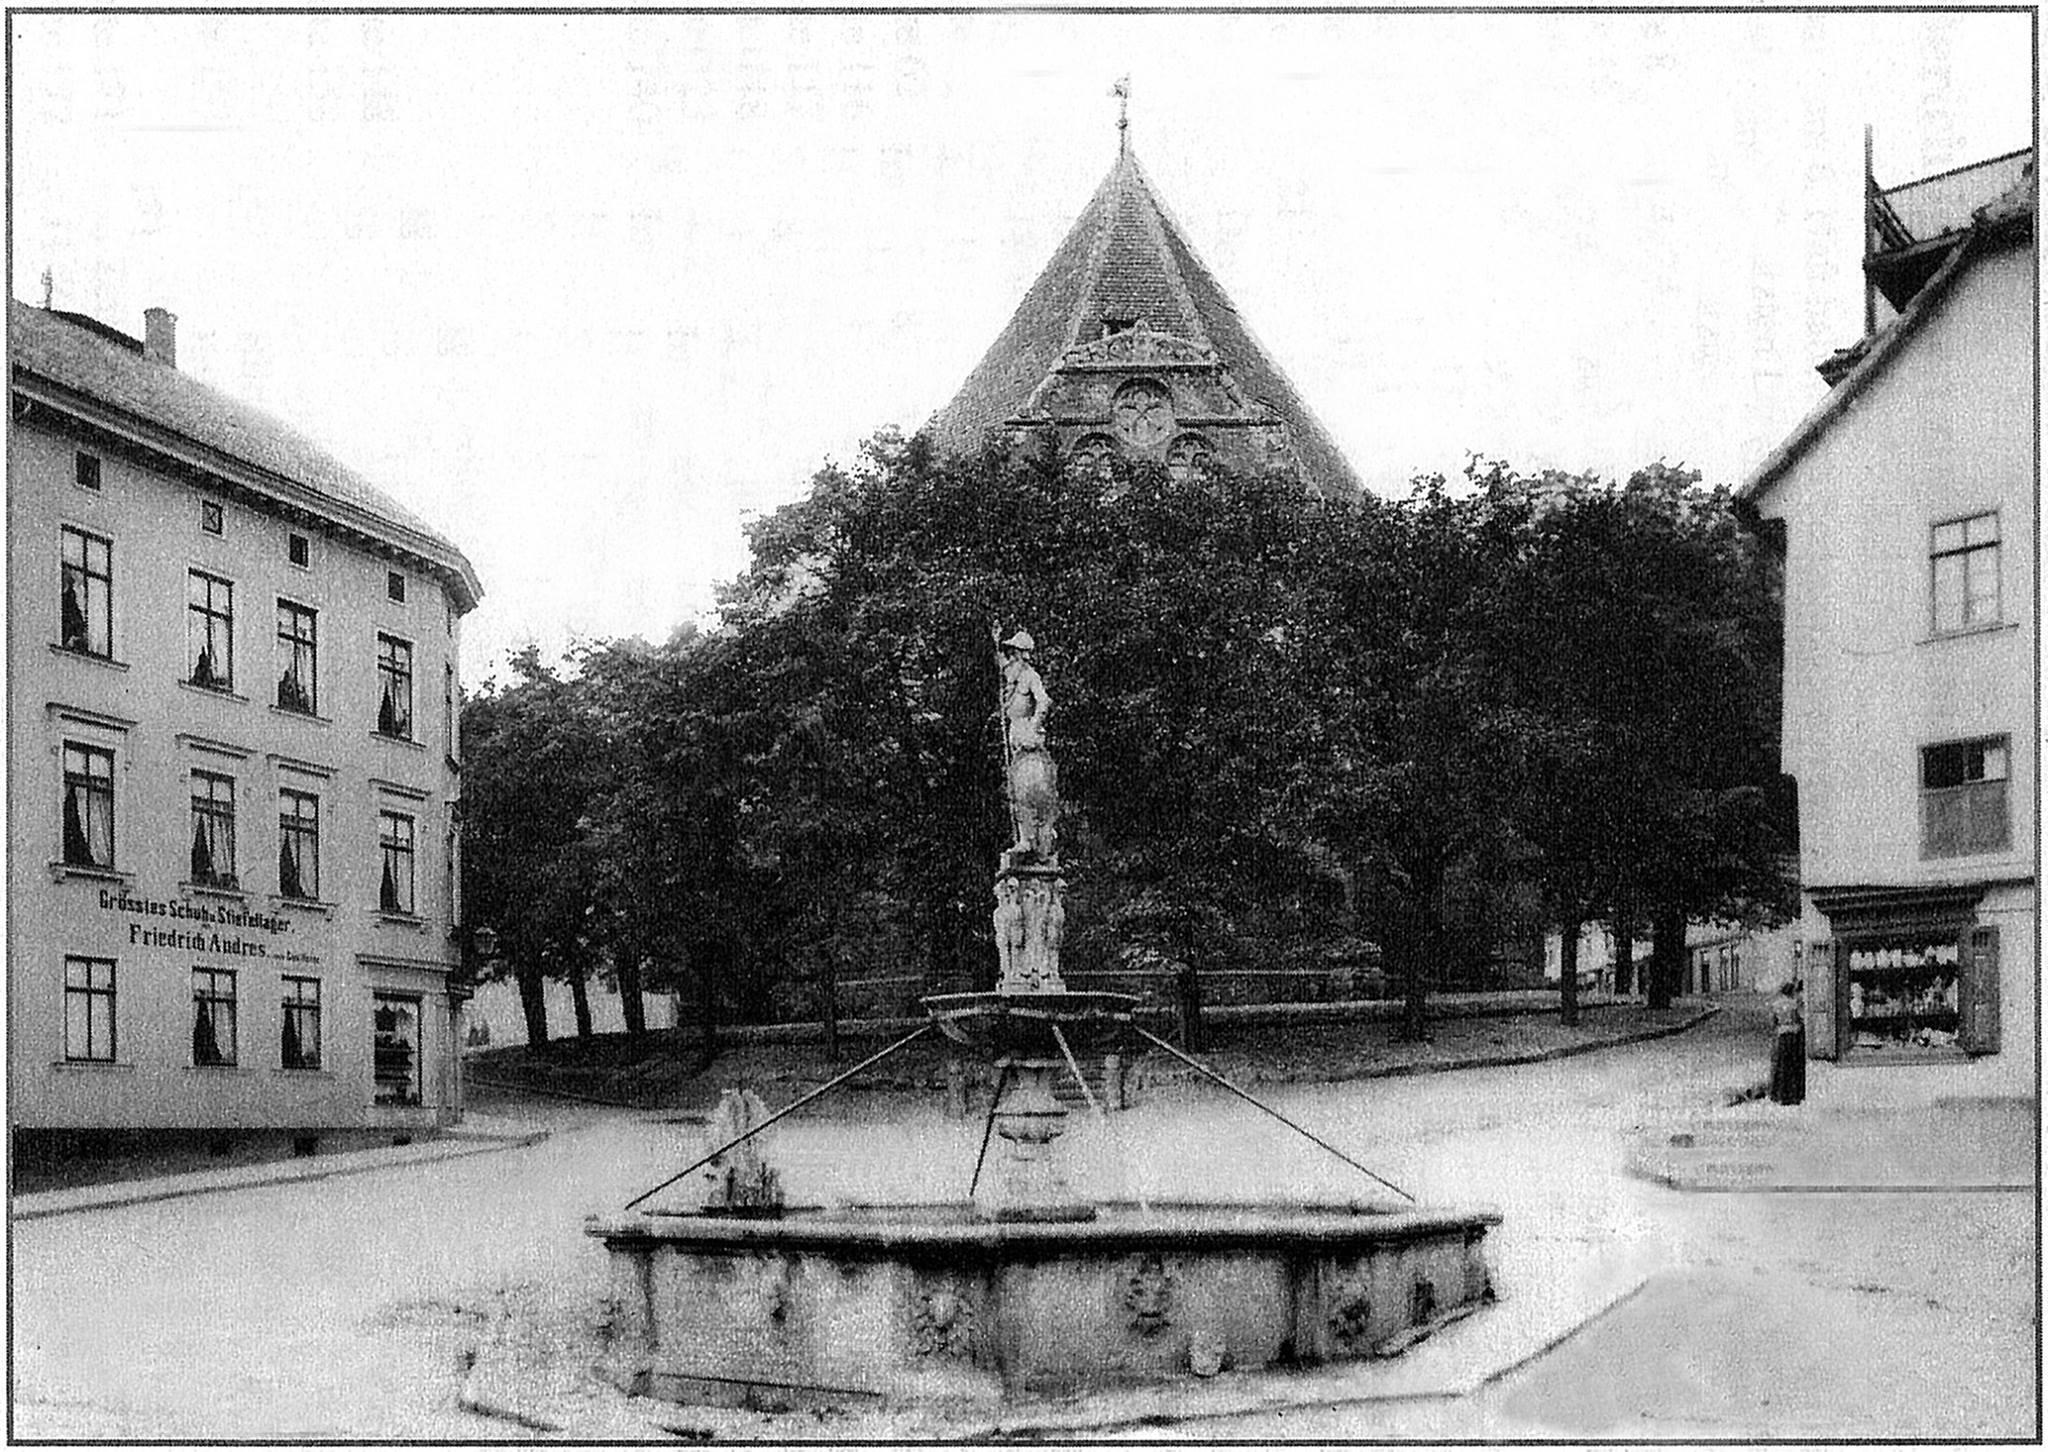 Blick zur Bachkirche ohne Balustrade um 1860. Ich sehe hinter dem Brunnen eine Treppe.